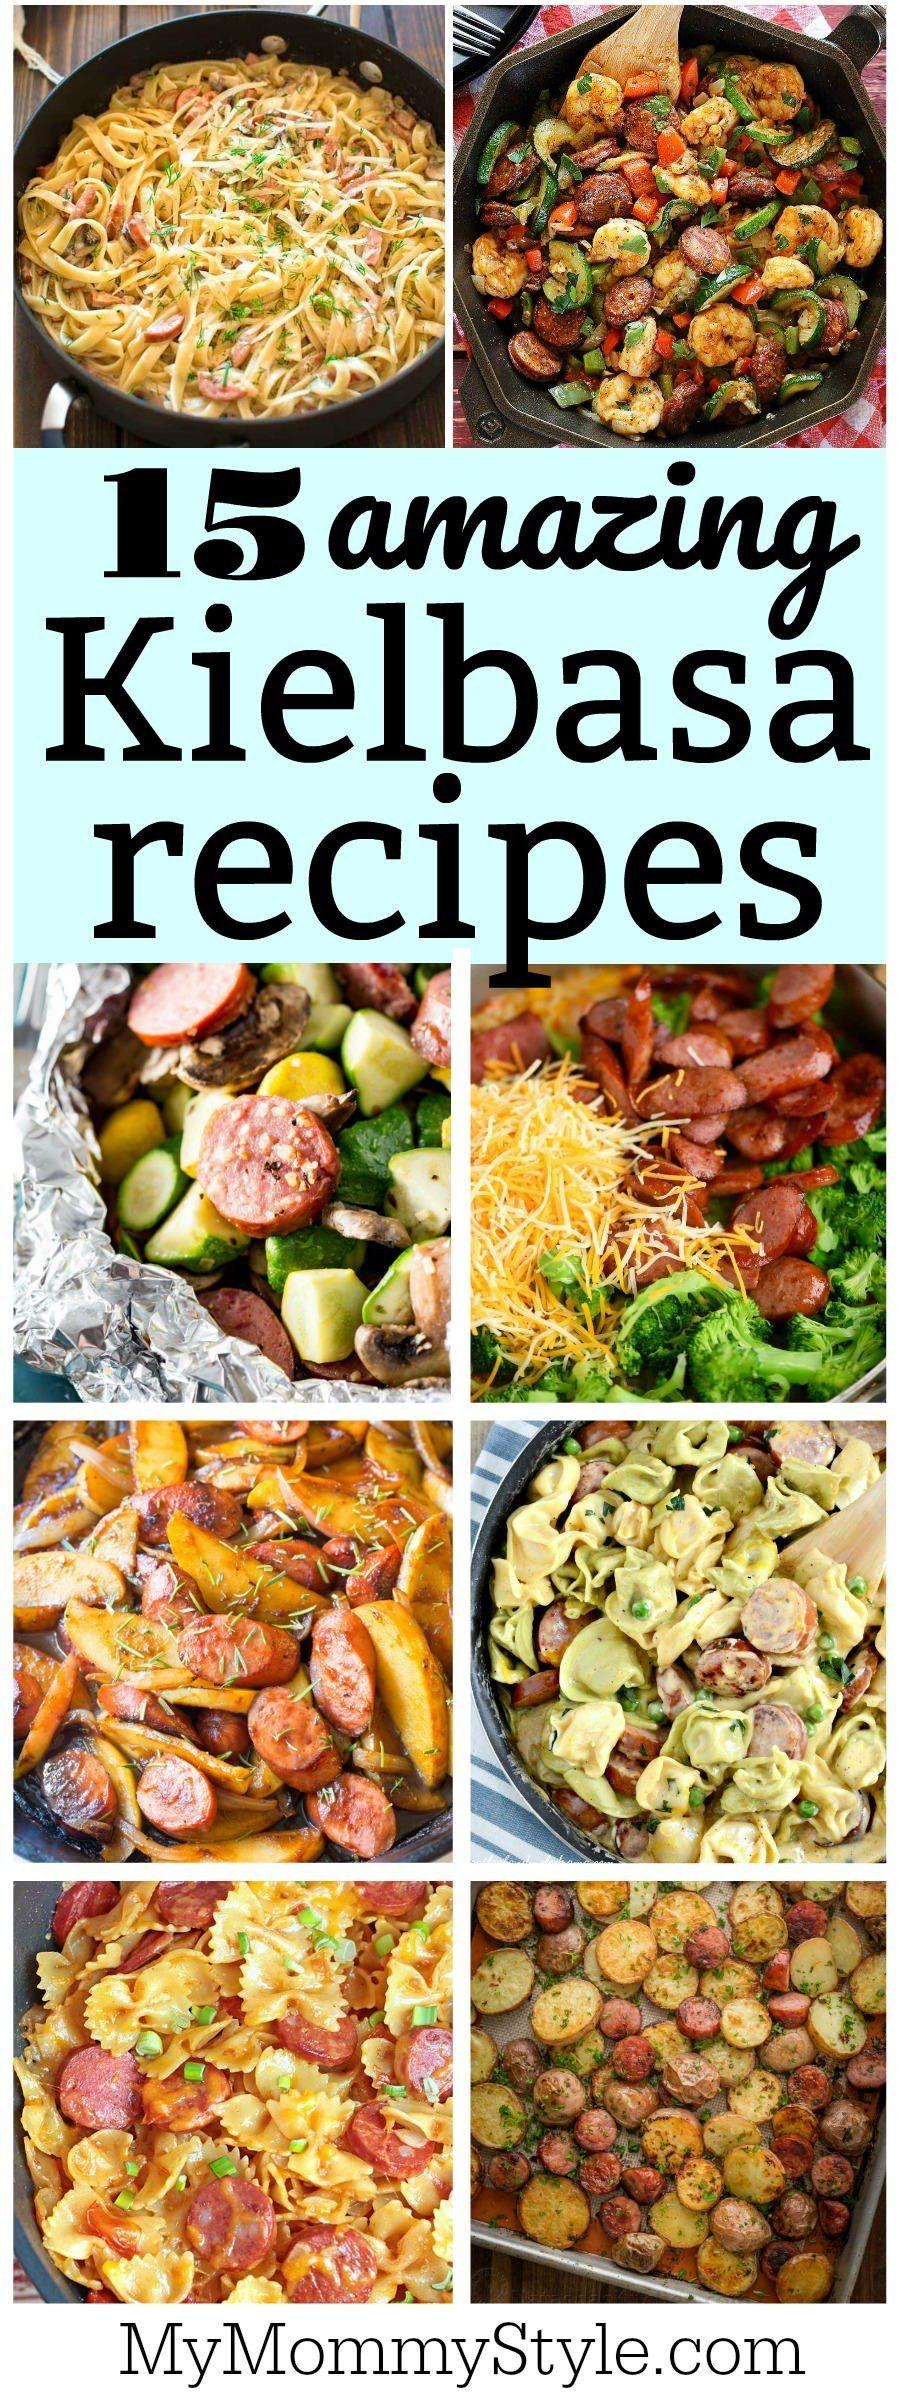 How To Cook Kielbasa 15 Delicious Recipes My Mommy Style Healthy Sausage Recipes Kielbasa Recipes Kilbasa Sausage Recipes